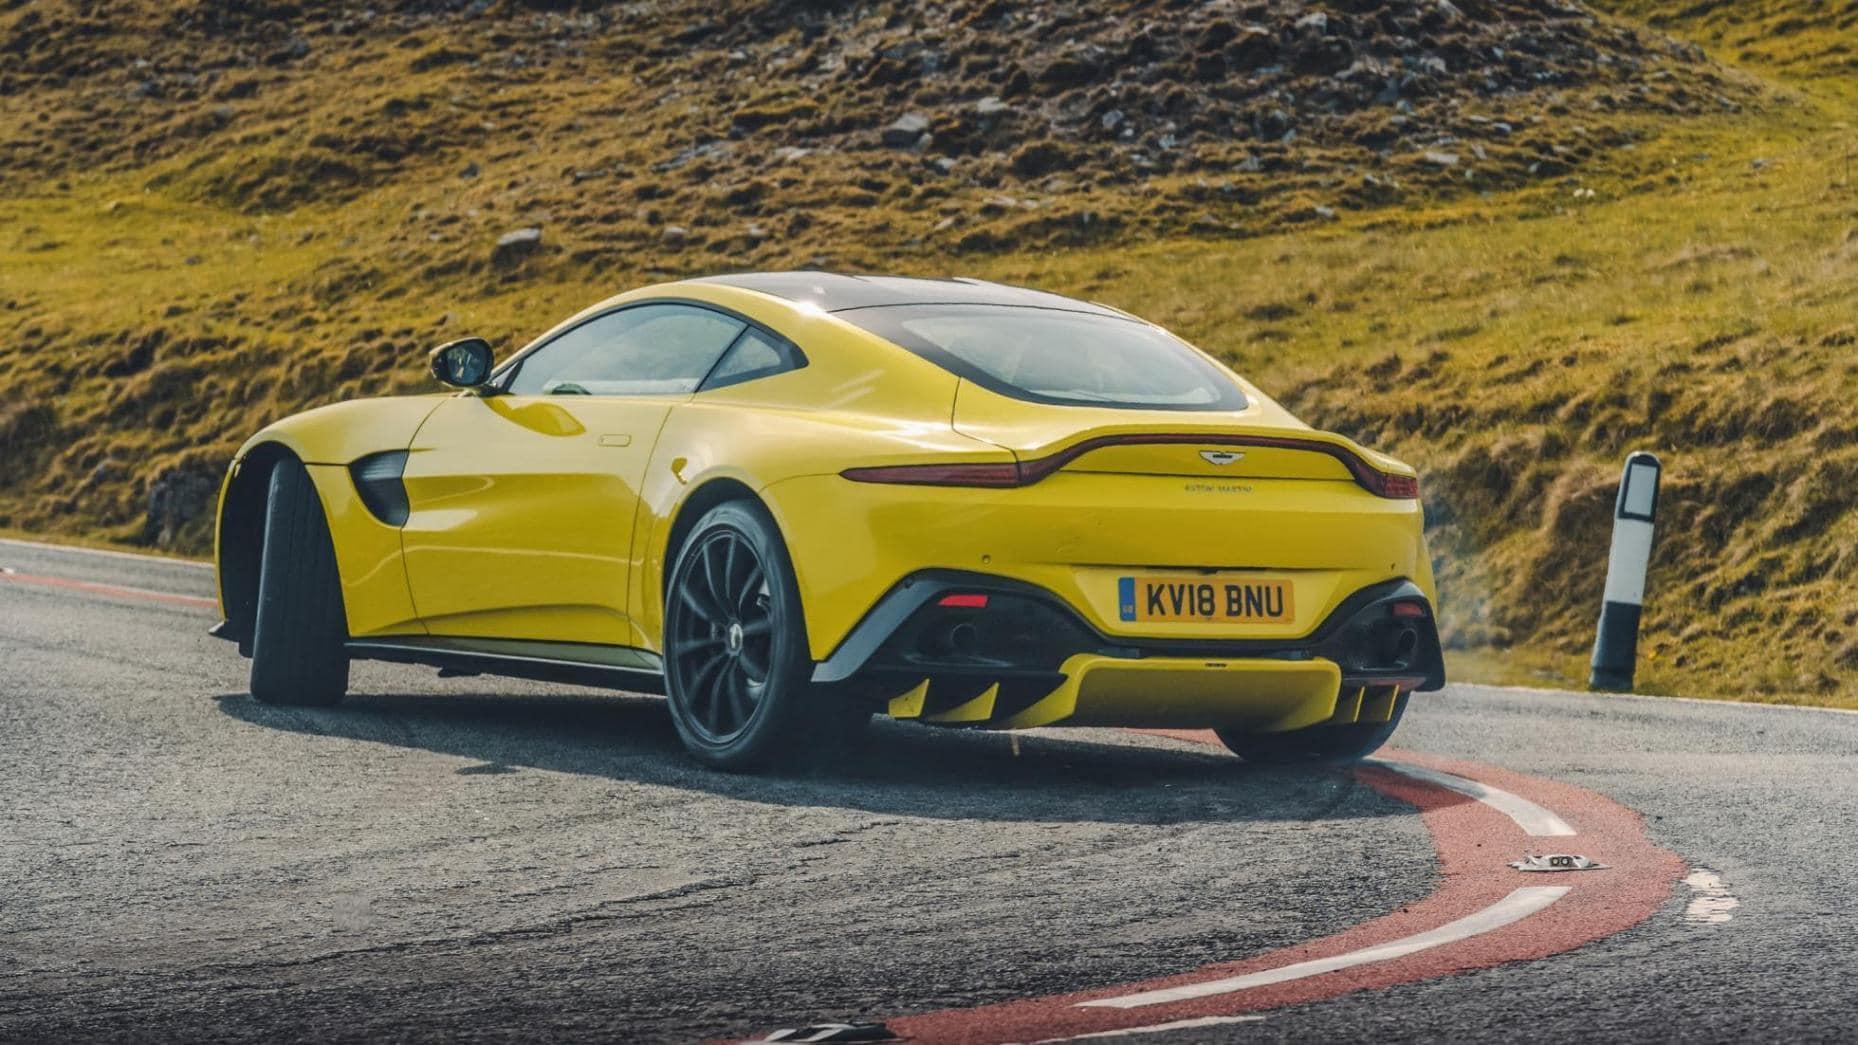 Aston Martin Vantage (2018)